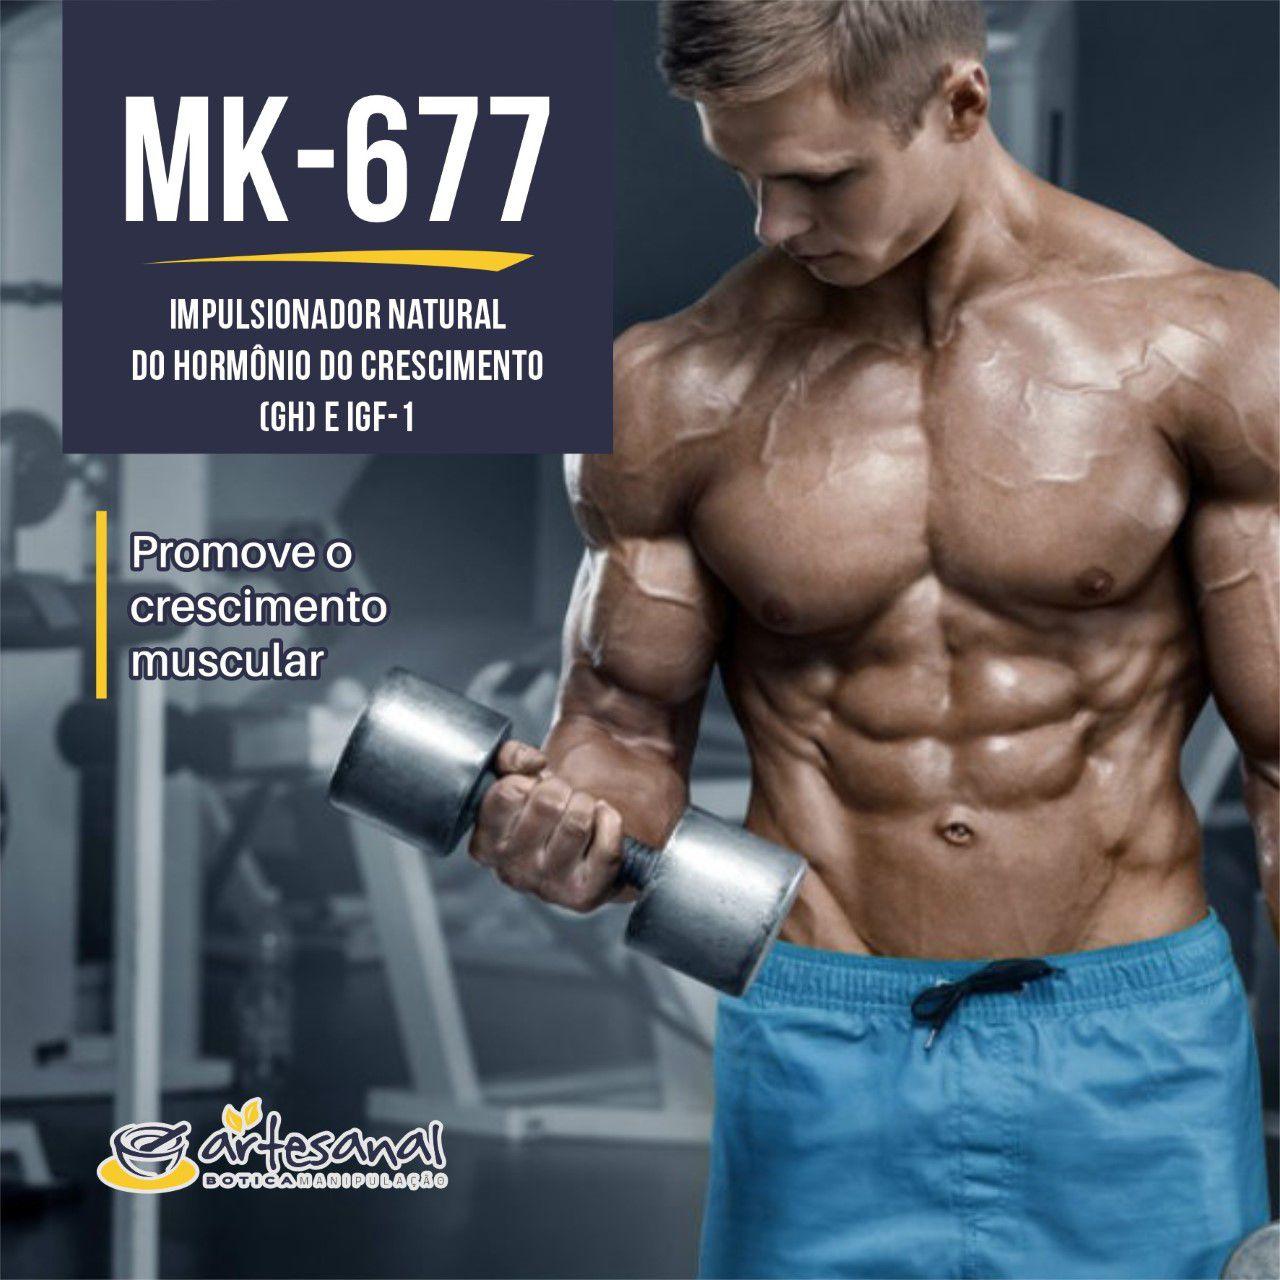 MK-677 (Ibutamoren) 10mg  - 30 Cps